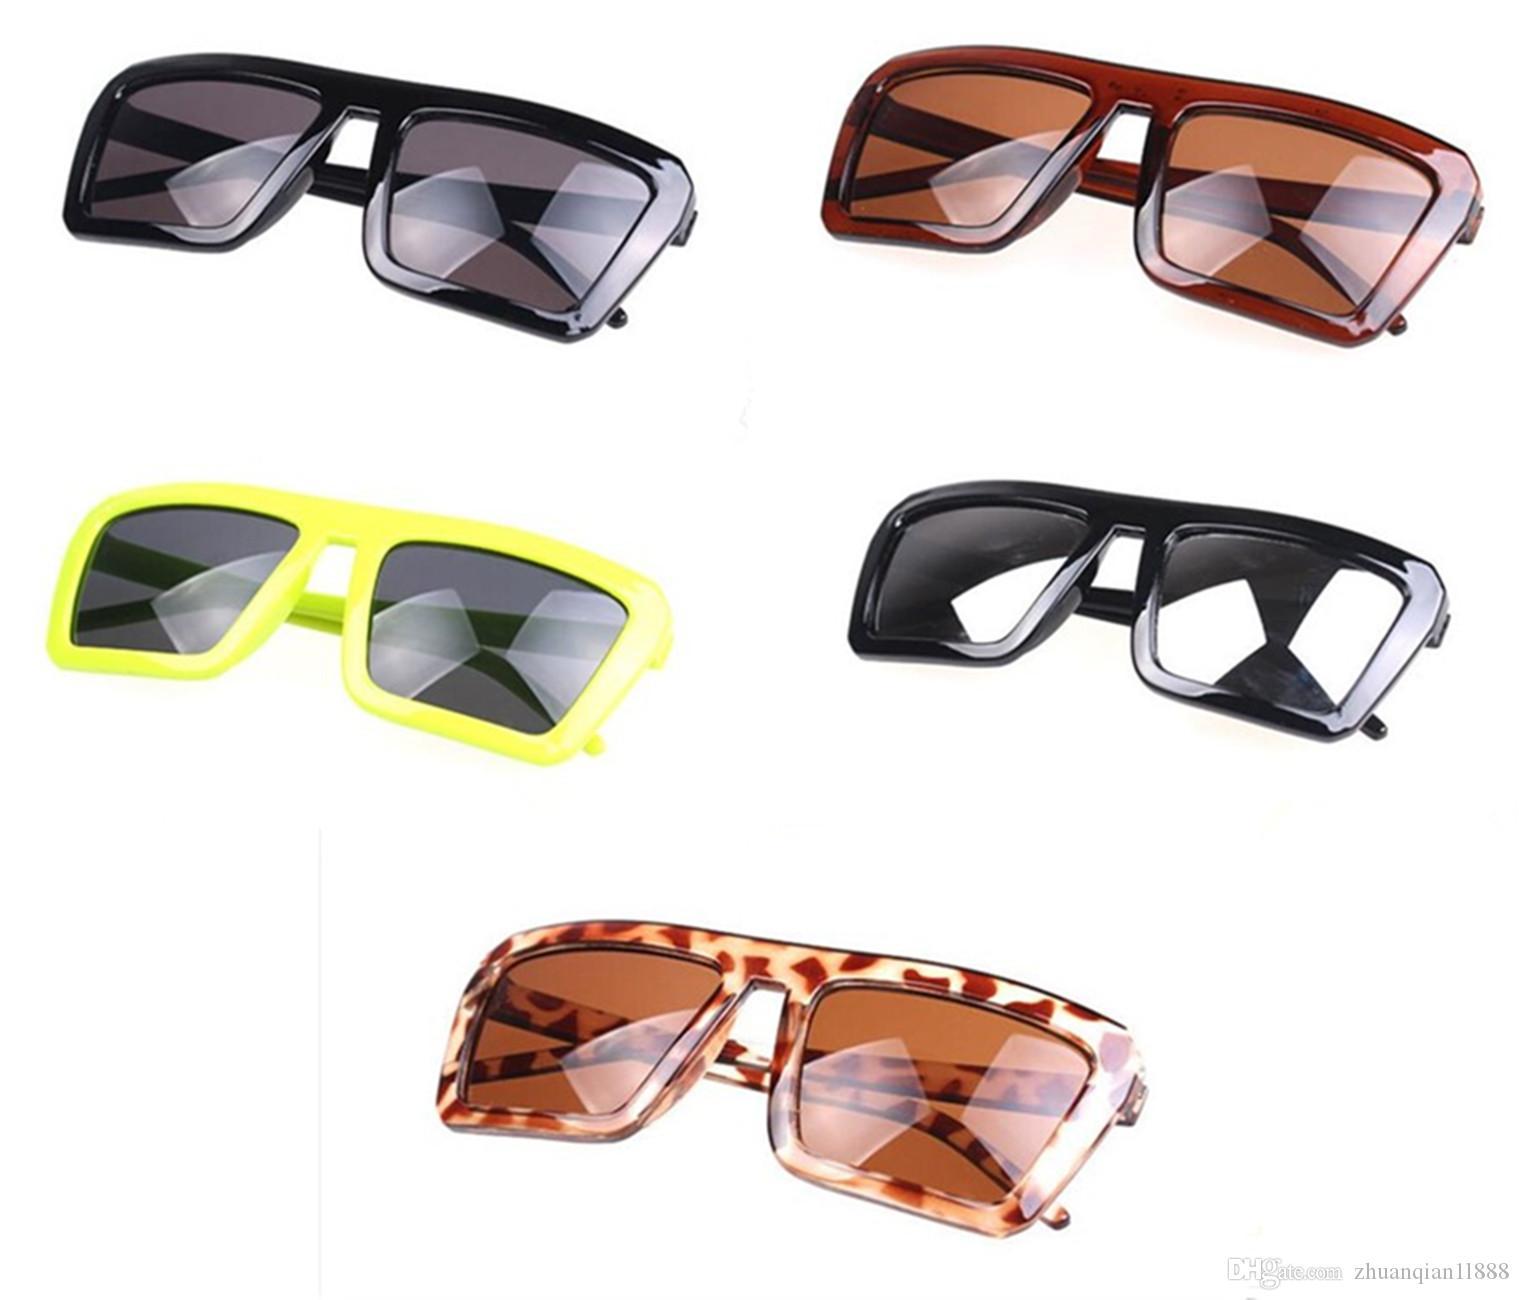 aa2937567f Compre 5 Pares Nuevas Gafas De Sol Cuadradas Retro Hombres Y Mujeres Gafas  De Sol Cuadradas Anti UV400 A $2.75 Del Zhuanqian1l888   DHgate.Com